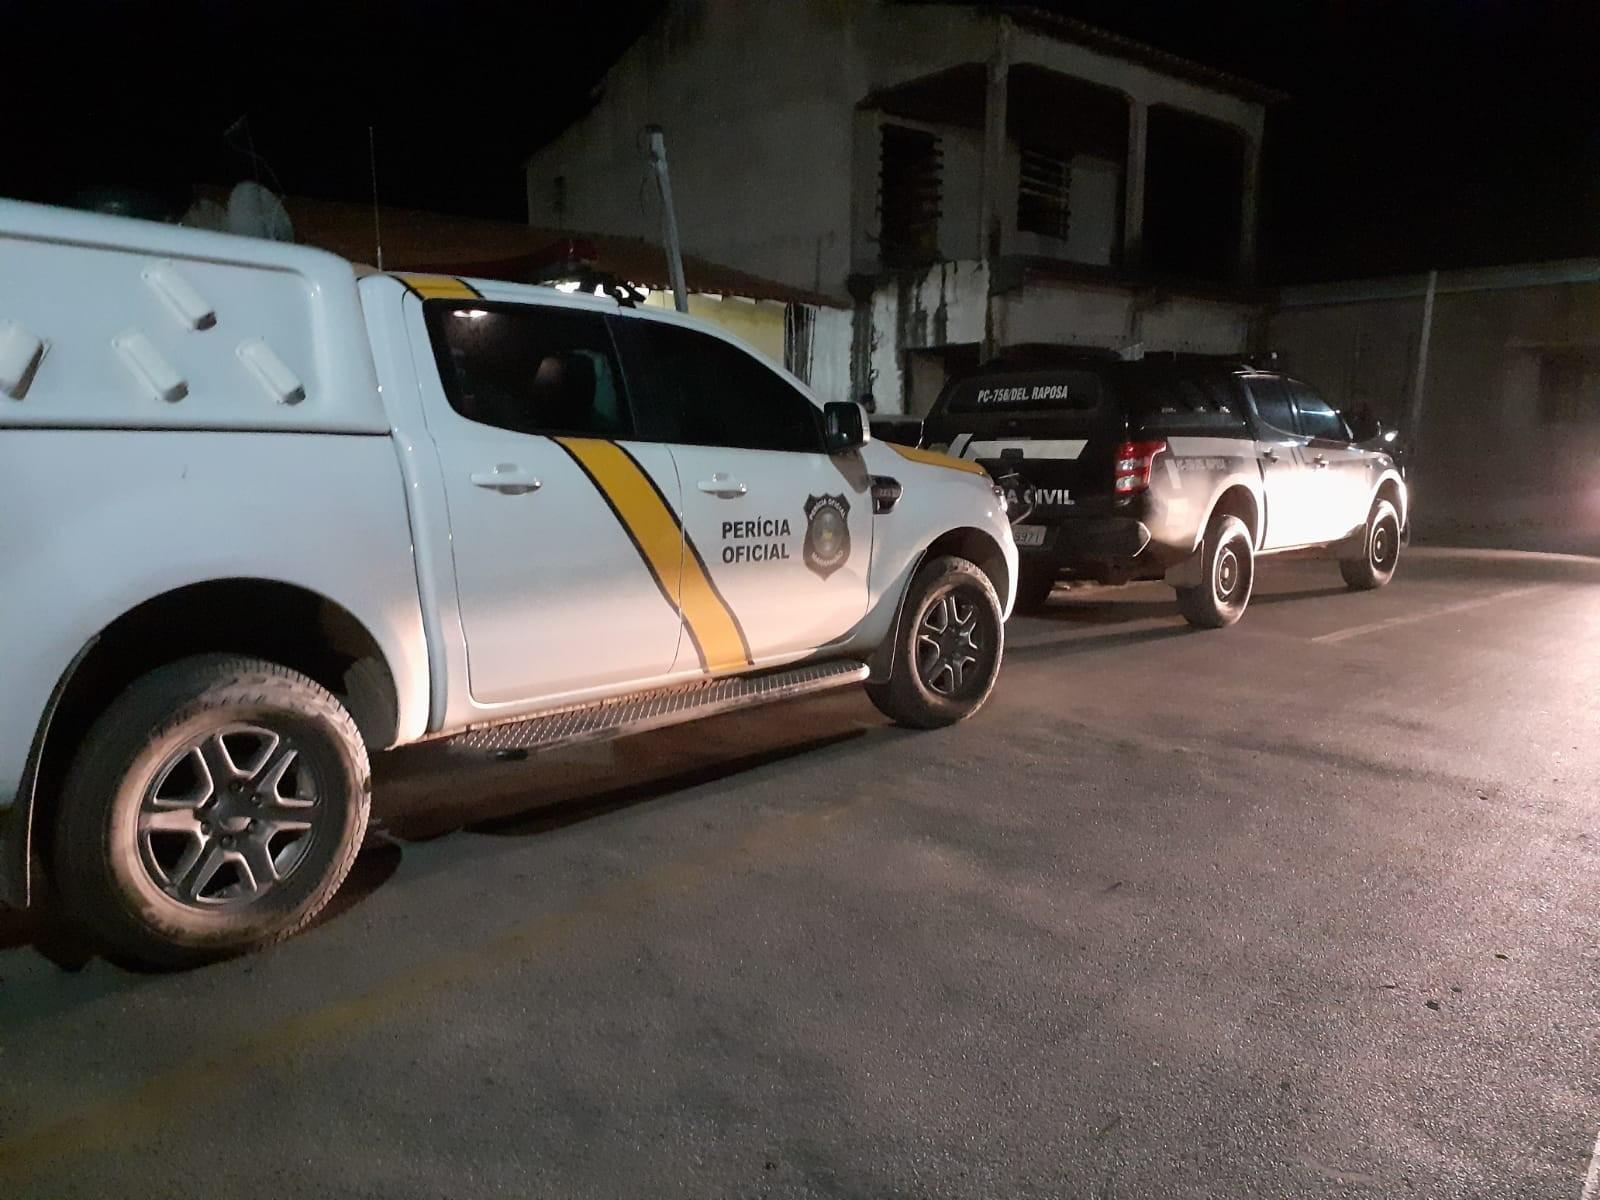 Homem confessa estupro contra menina de 13 anos que estava desaparecida na Raposa